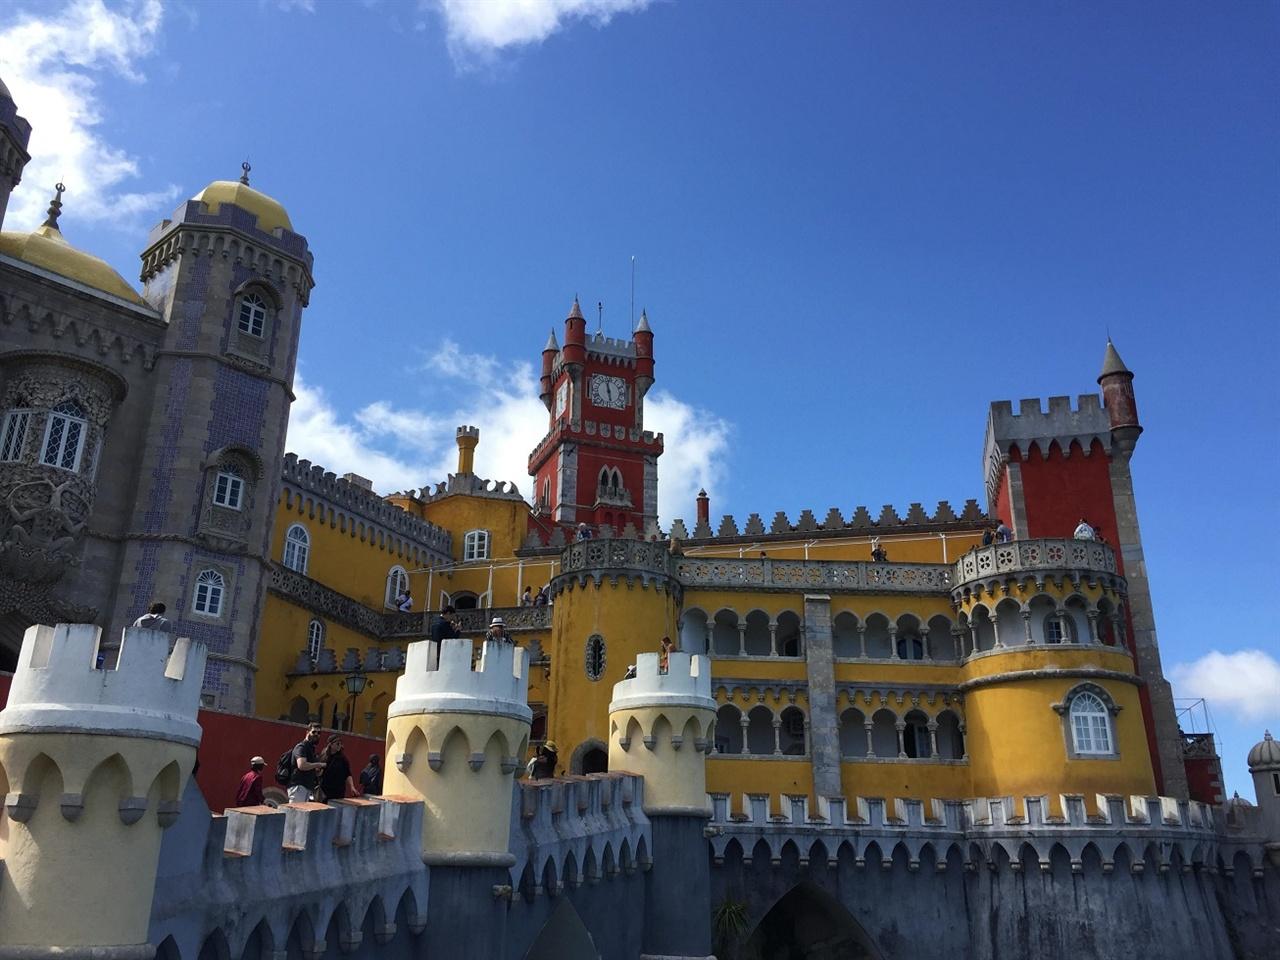 와! 정말 장난감처럼 예쁜 페나 성이예요.  놀이공원의 성들보다 더 비현실적인 성이었어요. 어찌나 알록달록한 원색의 향연인지! 그런데, 이 곳에서 포르투갈의 마지막 왕이 실제로 집무를 봤다고 하네요. 정말 예뻤어요!